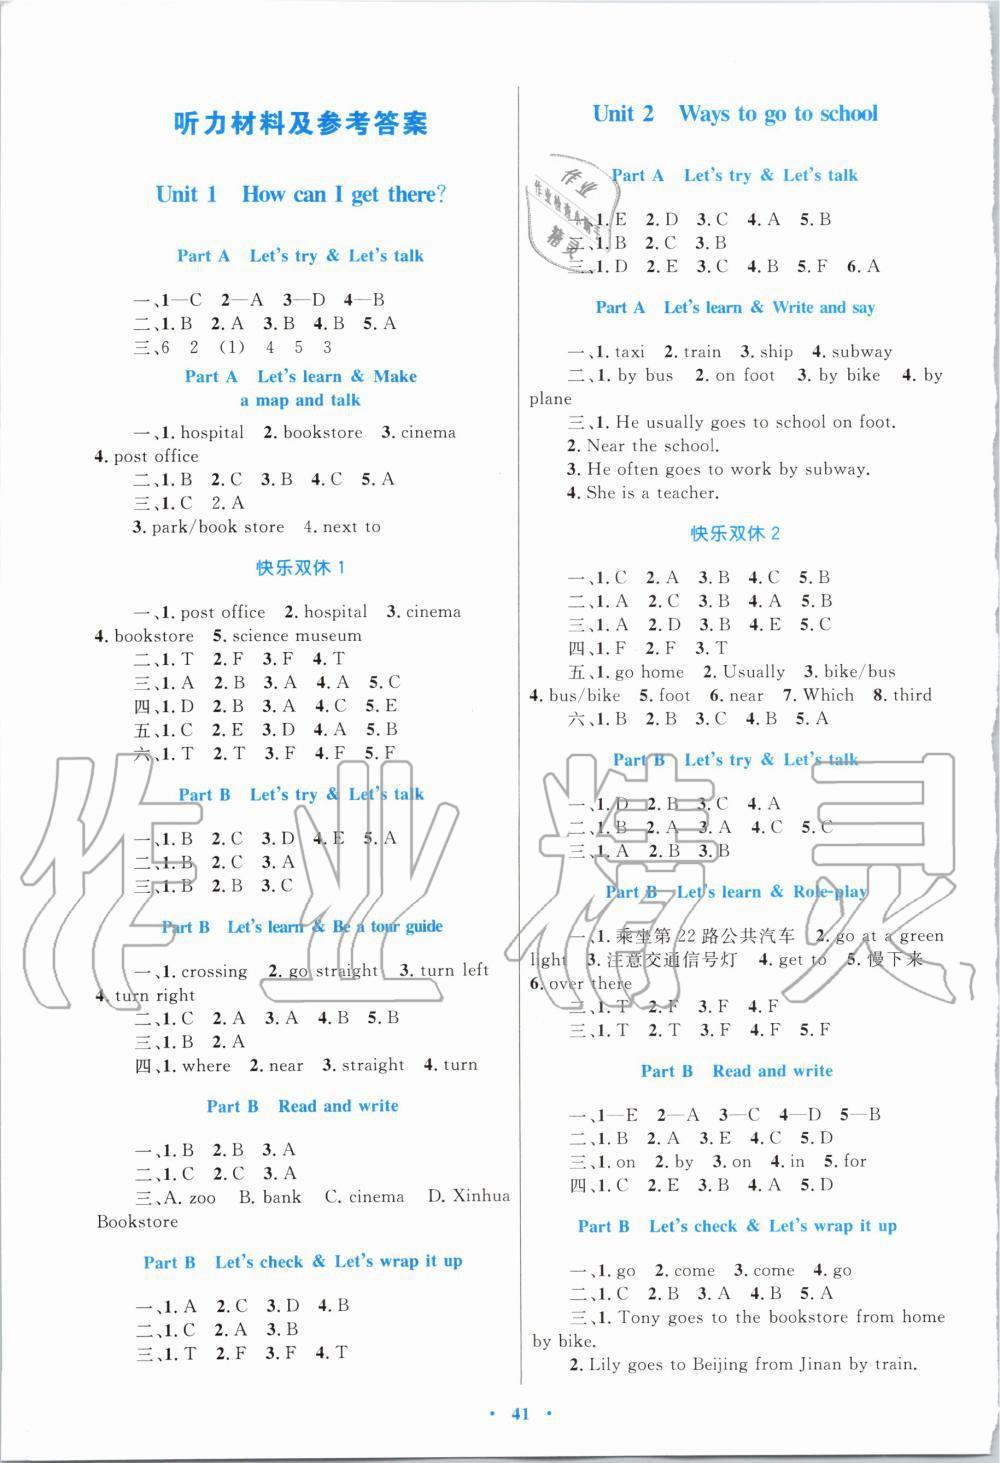 2019年小学同步学习目标与检测六年级英语上册人教版第1页